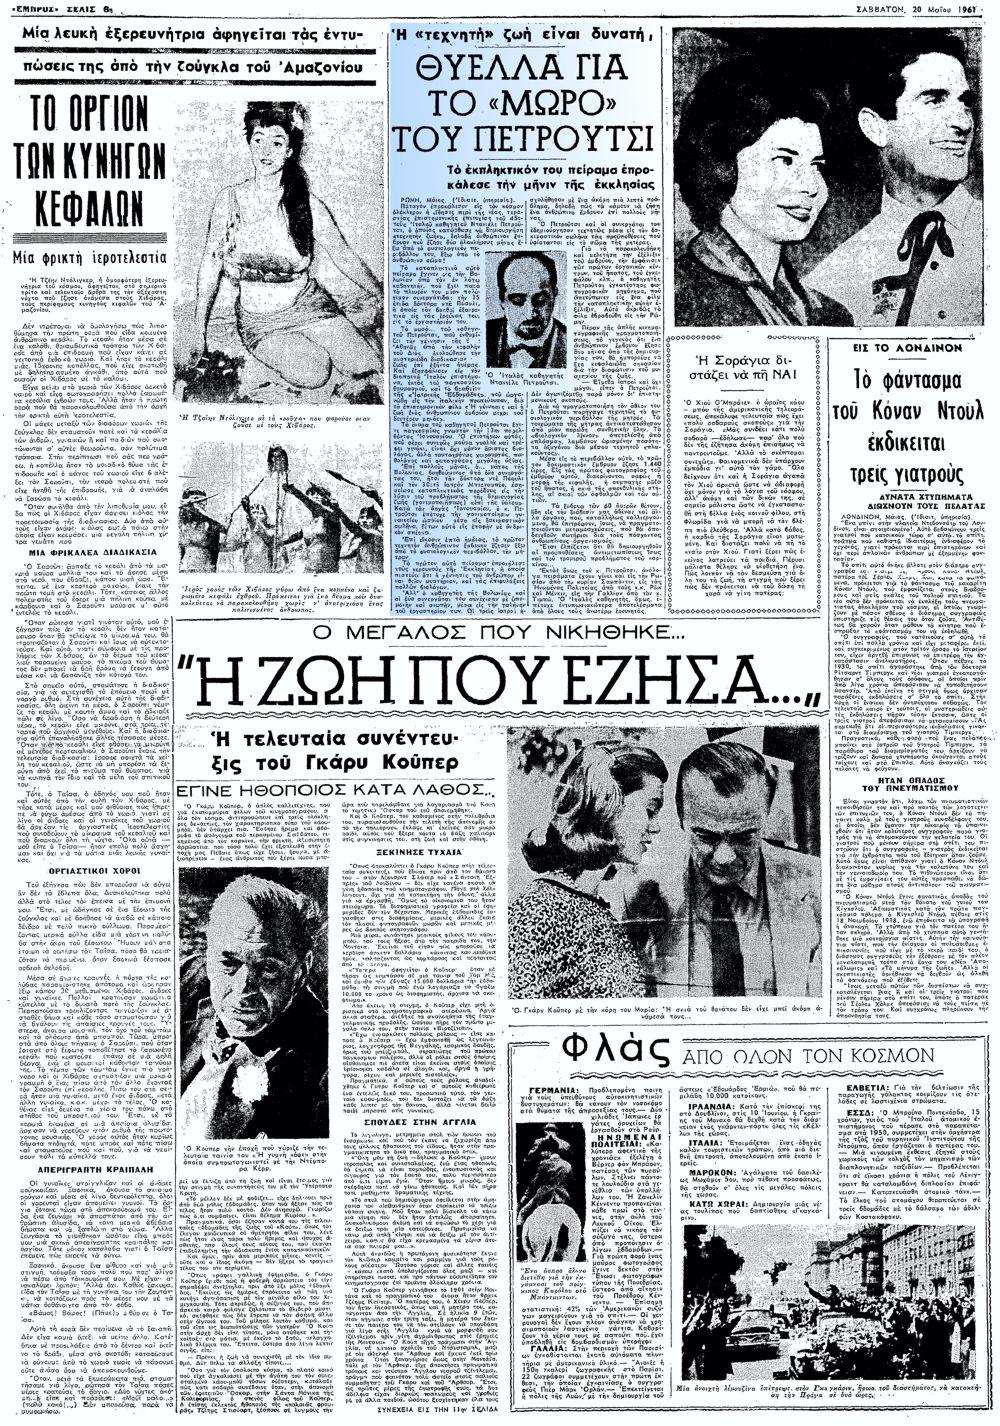 """Το άρθρο, όπως δημοσιεύθηκε στην εφημερίδα """"ΕΜΠΡΟΣ"""", στις 20/05/1961"""